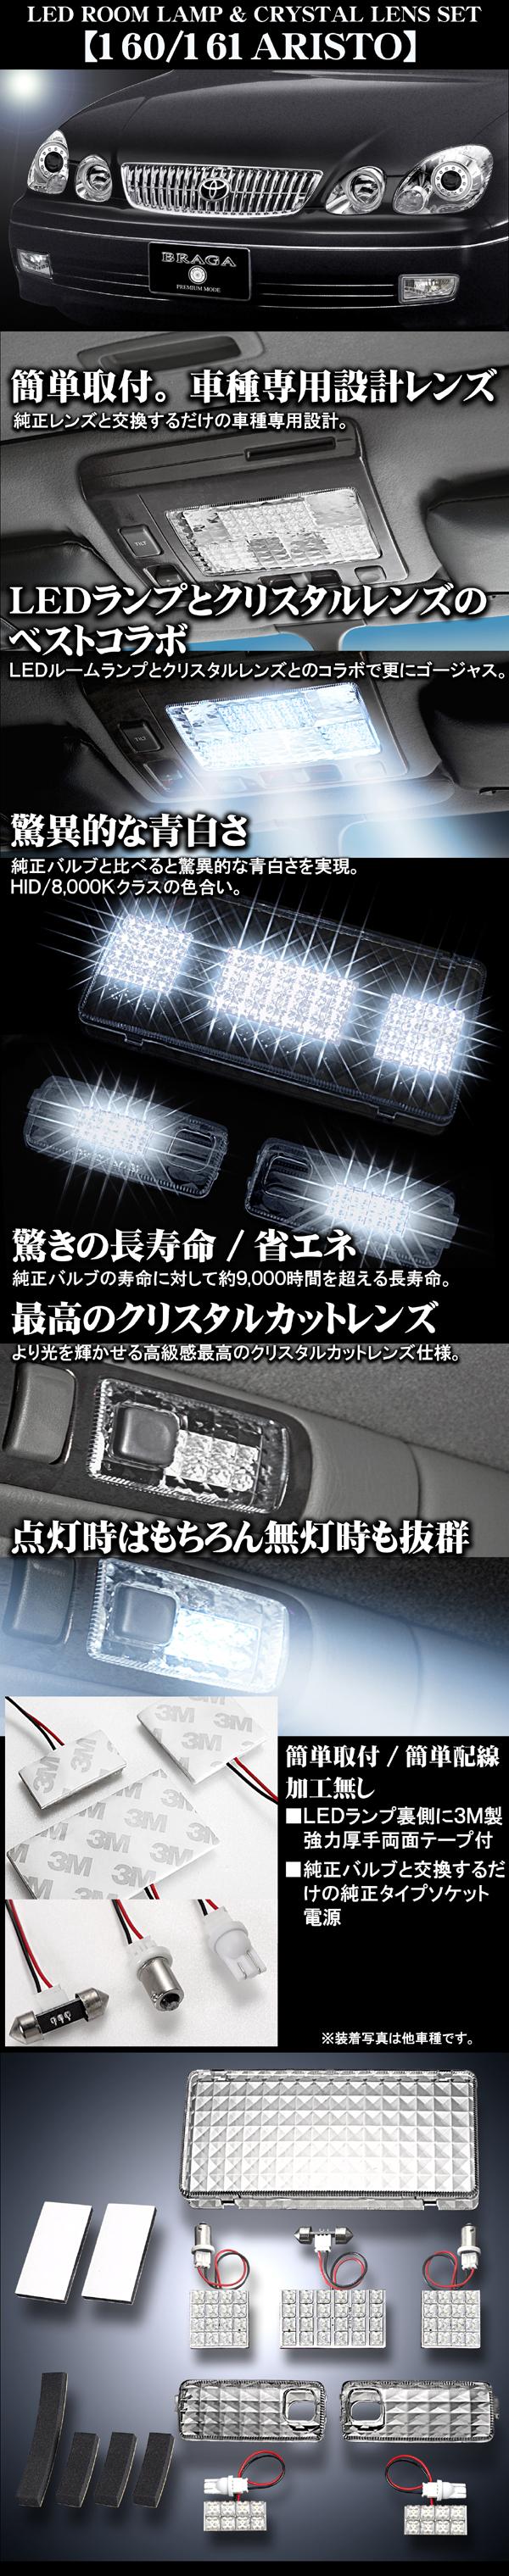 【160/161アリスト[ノーマル車]LEDルームランプ+クリスタルレンズセット《8点セット/LED合計72発》取付パーツセット】